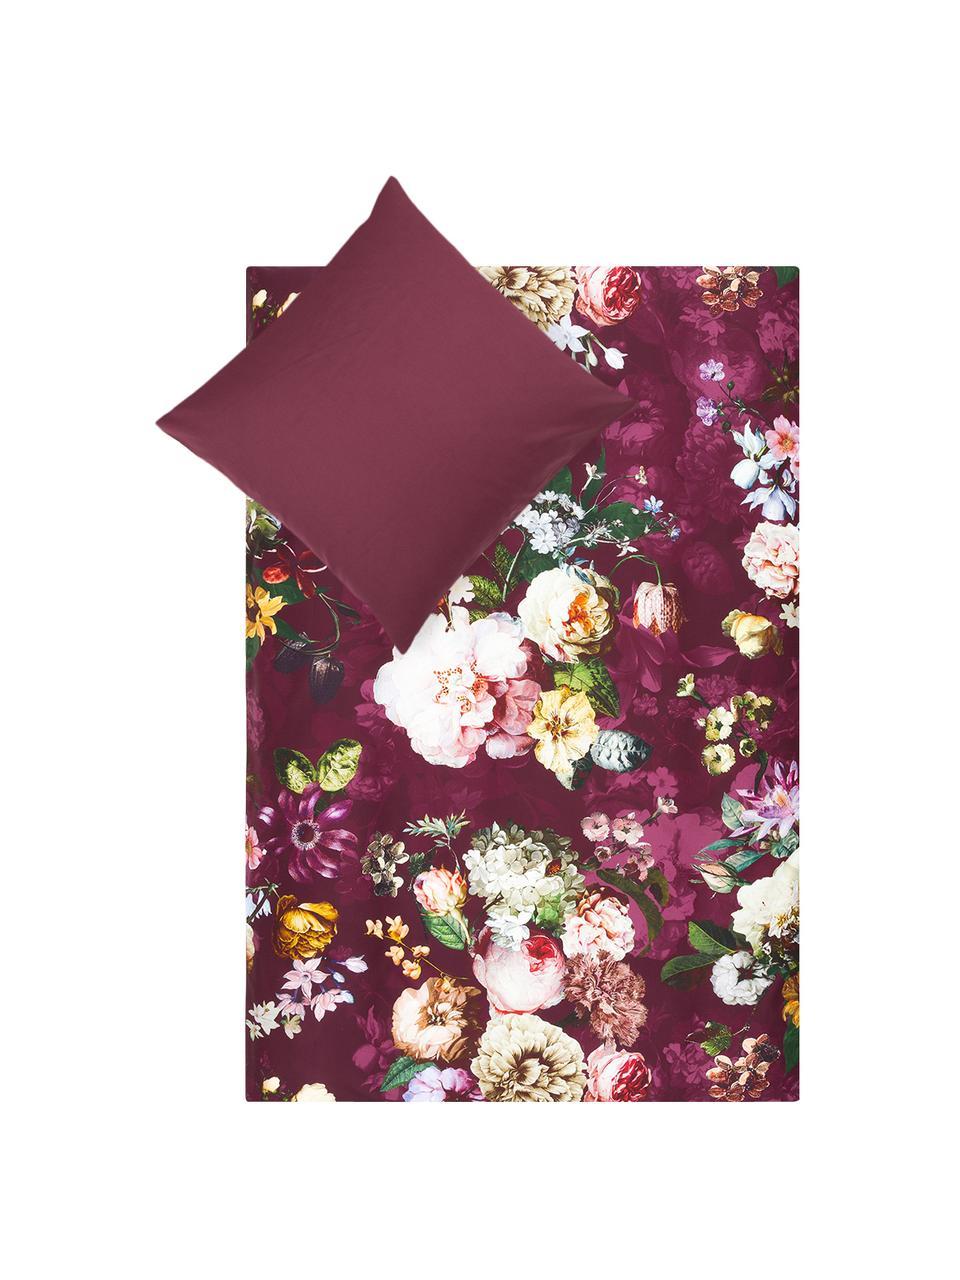 Baumwollsatin-Bettwäsche Fleur mit Blumen-Muster, Webart: Satin Fadendichte 209 TC,, Burgund, Mehrfarbig (Weiß, Grün, Gelb), 135 x 200 cm + 1 Kissen 80 x 80 cm